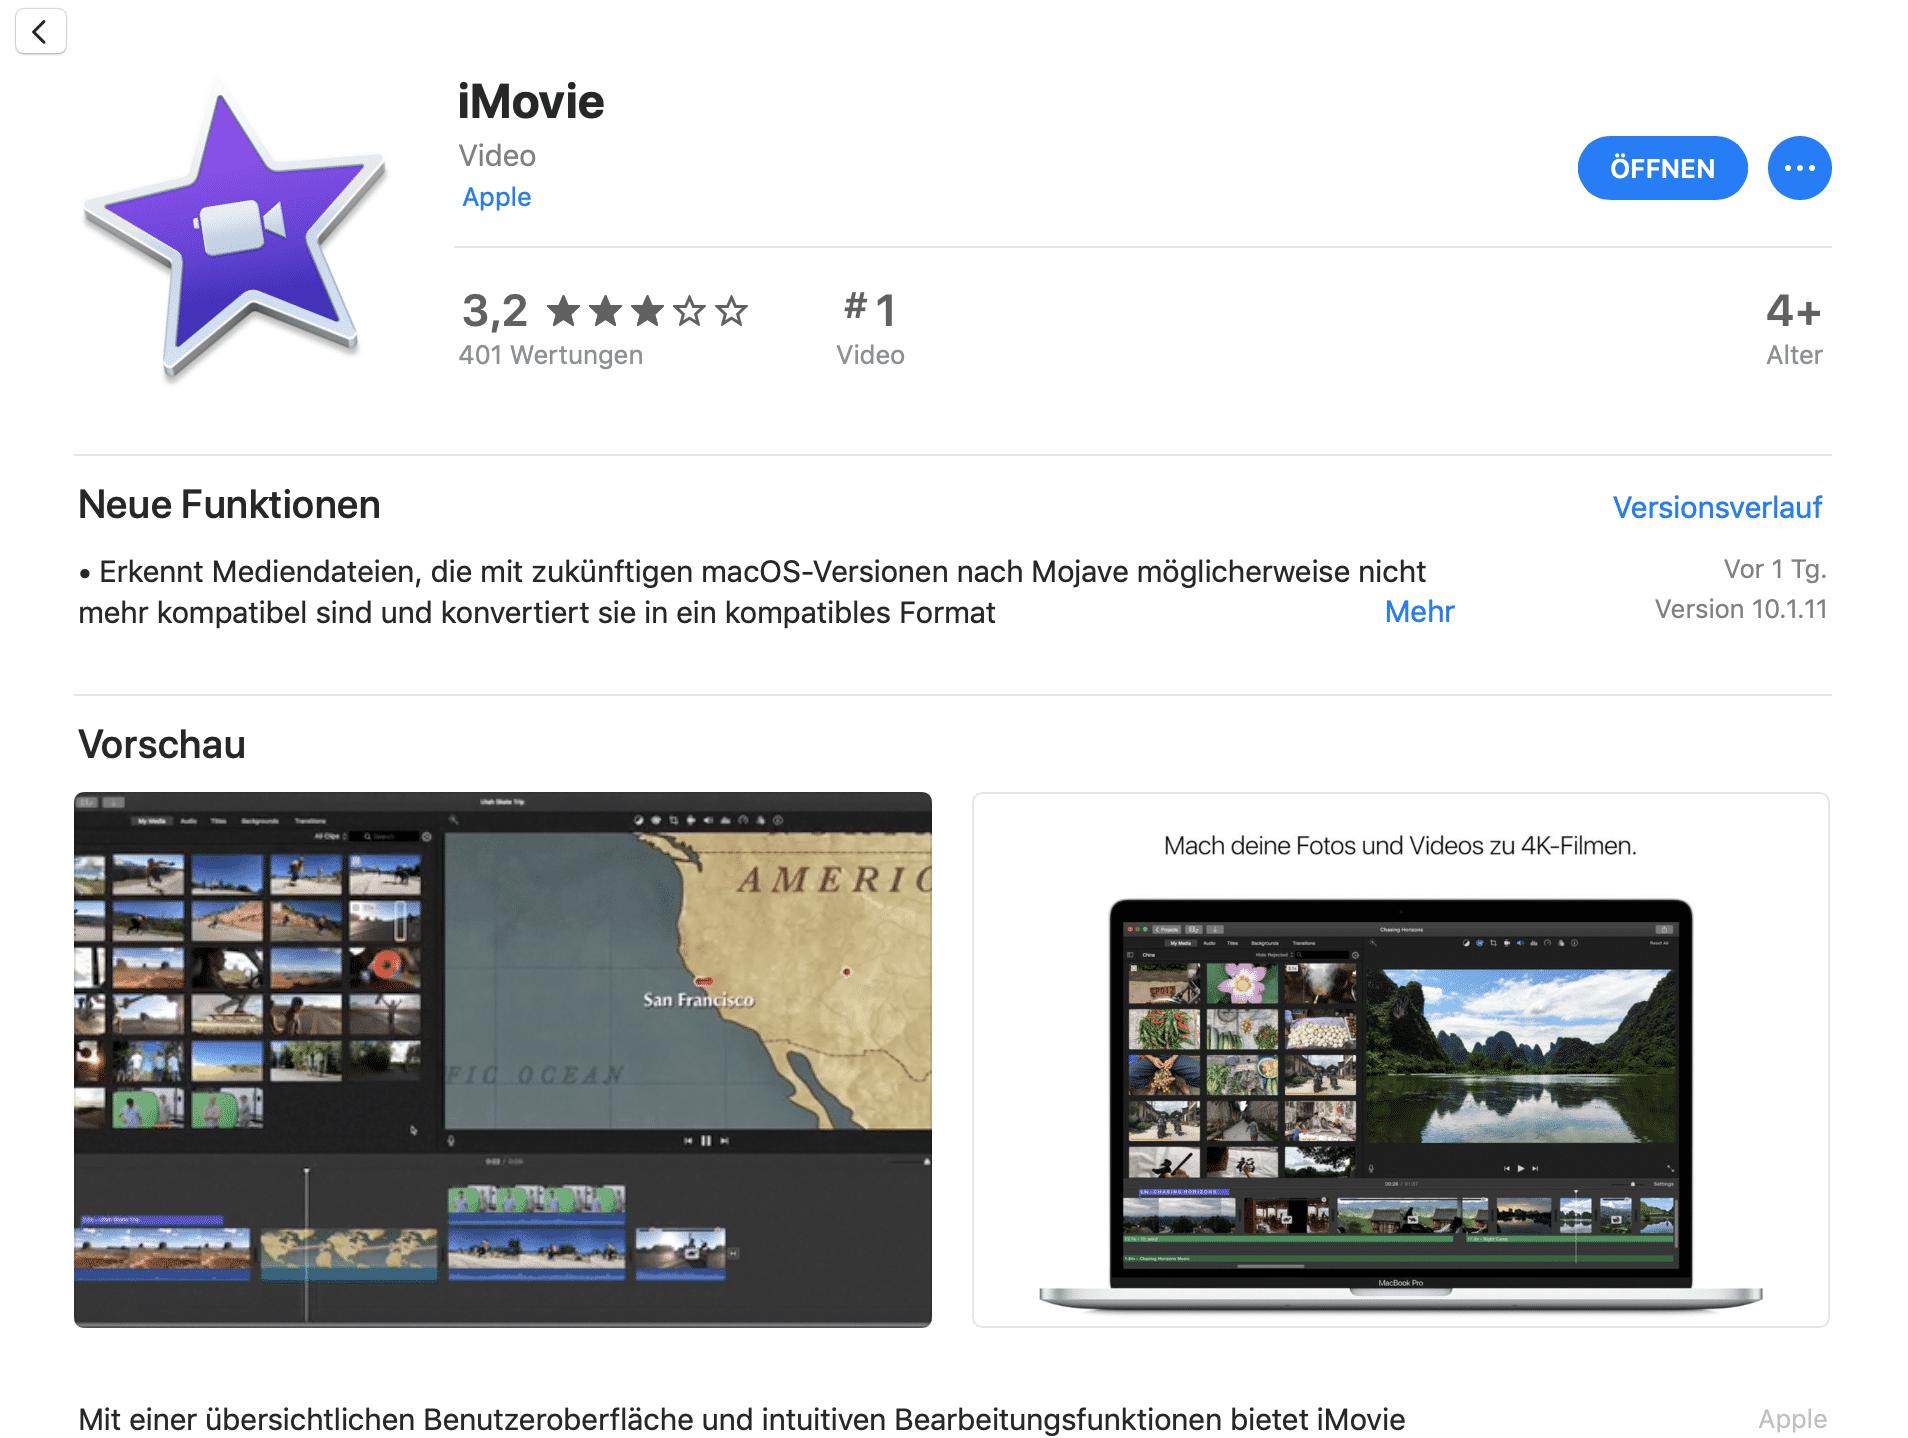 Die neue iMovie-Version soll ebenso wie Final Cut Pro in Zukunft inkompatible Medienformate  konvertieren.